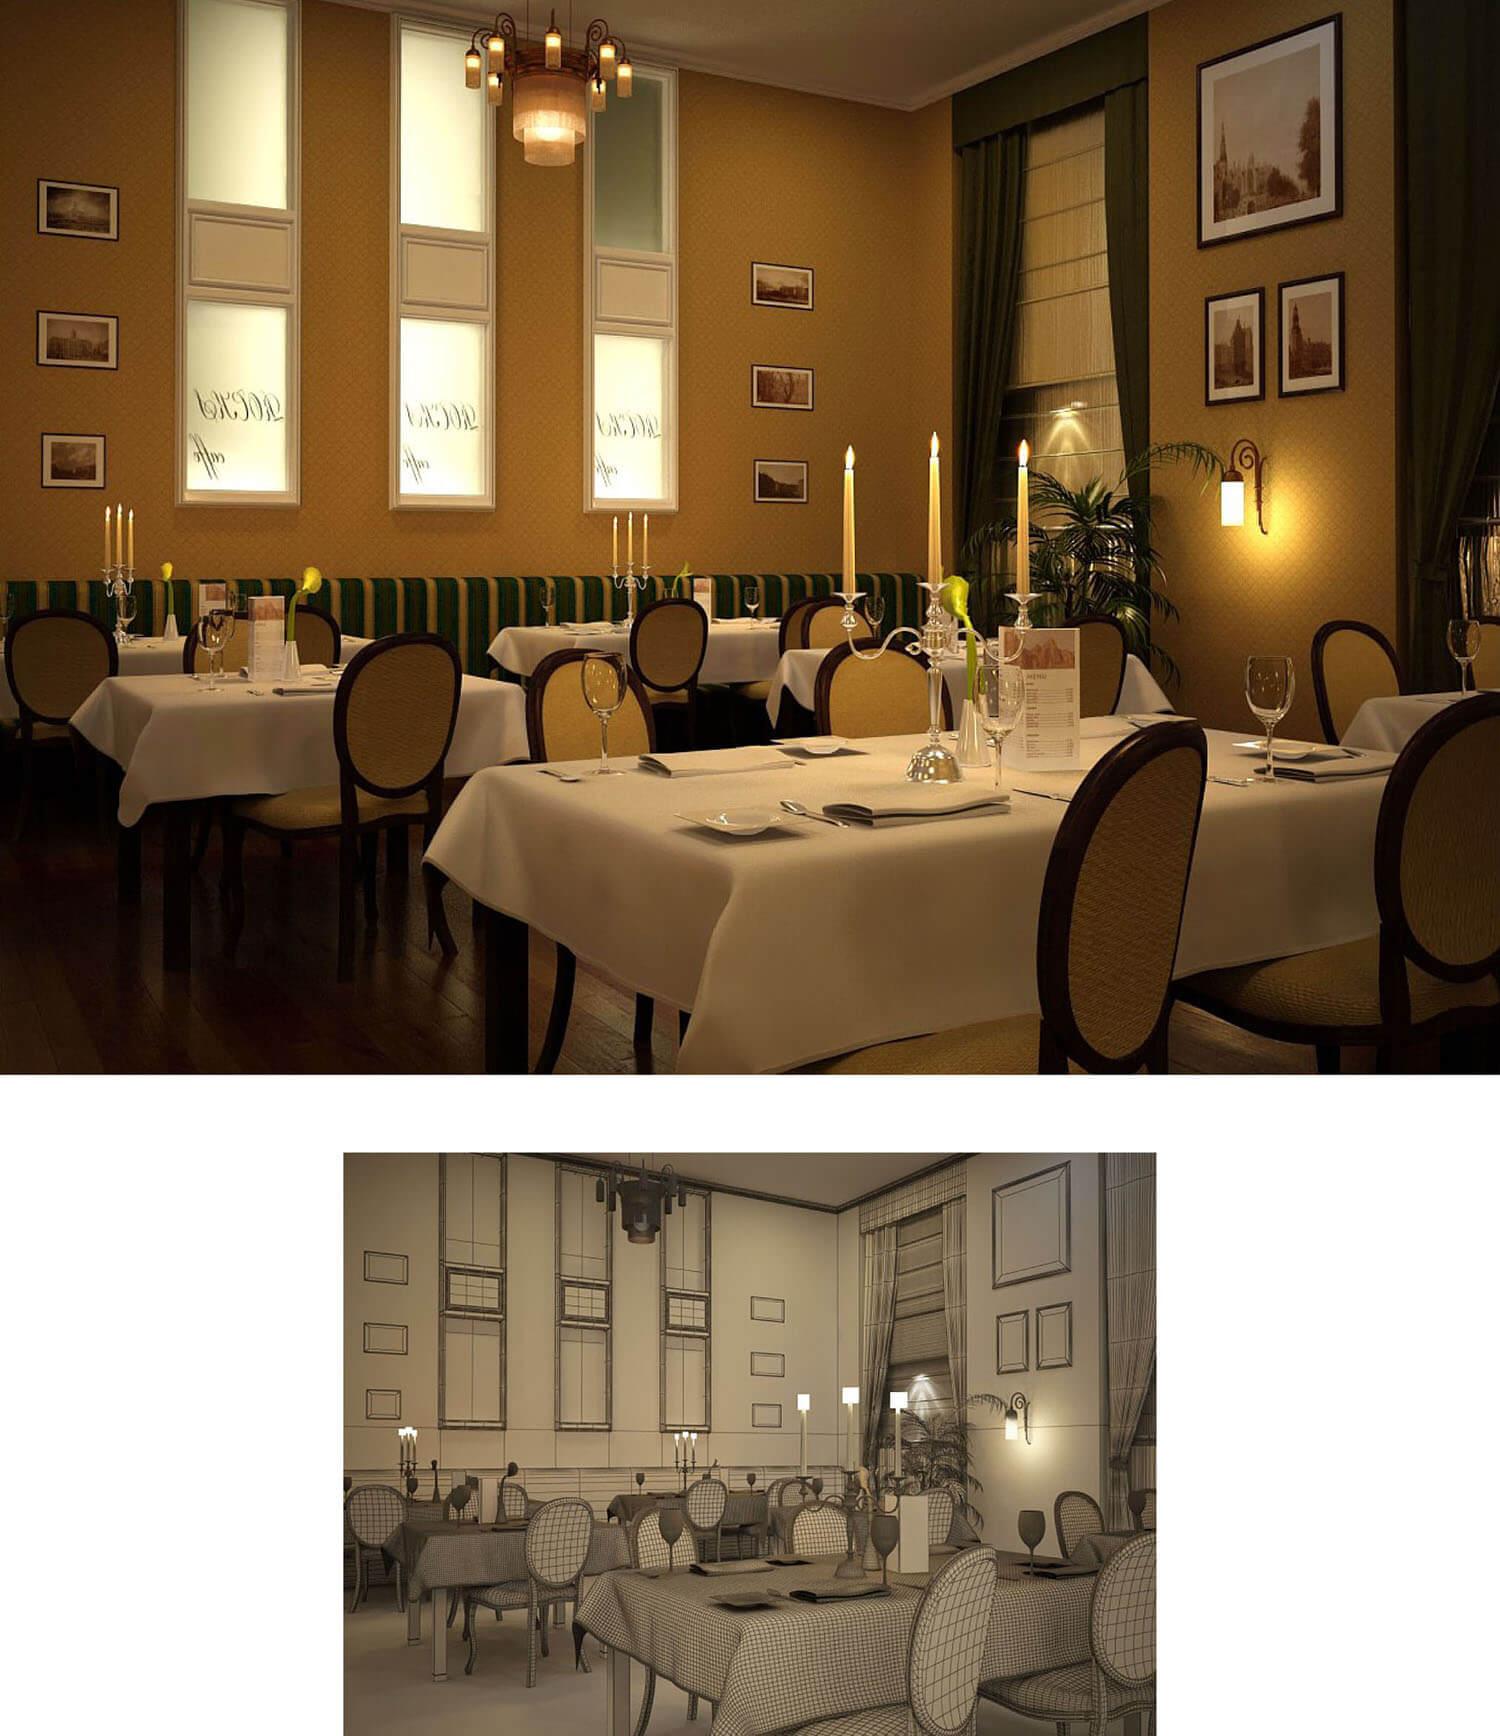 Mẫu nội thất nhà hàng với gam màu nâu vàng chủ đạo kết hợp hài hòa cùng đèn chùm và nến